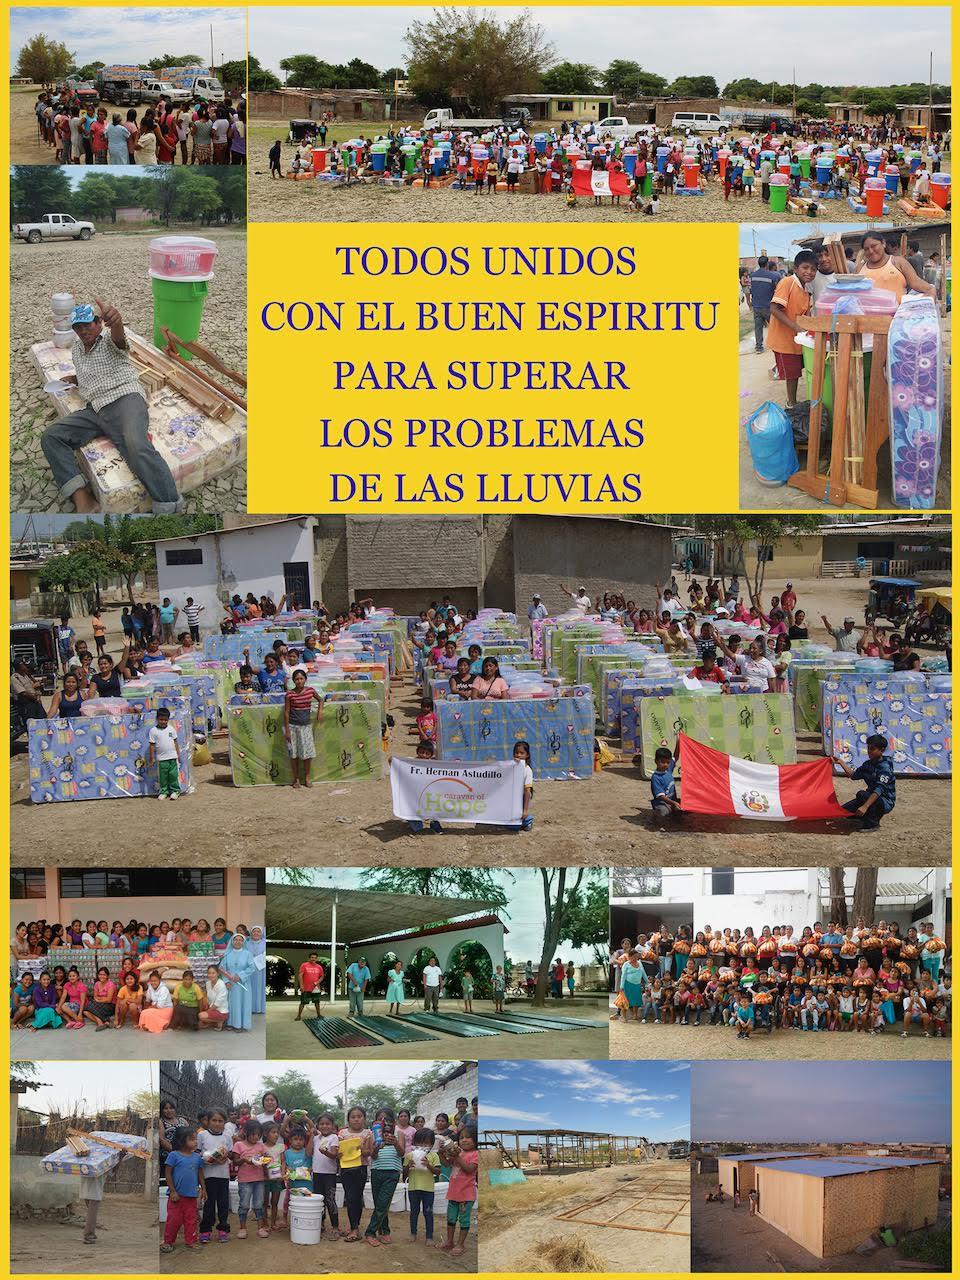 Caravana de la Esperanza: Casas, camas, colchones, ollas y utencilios de hogar llegan a damnificados de Piura gracias a donación de Radiotón